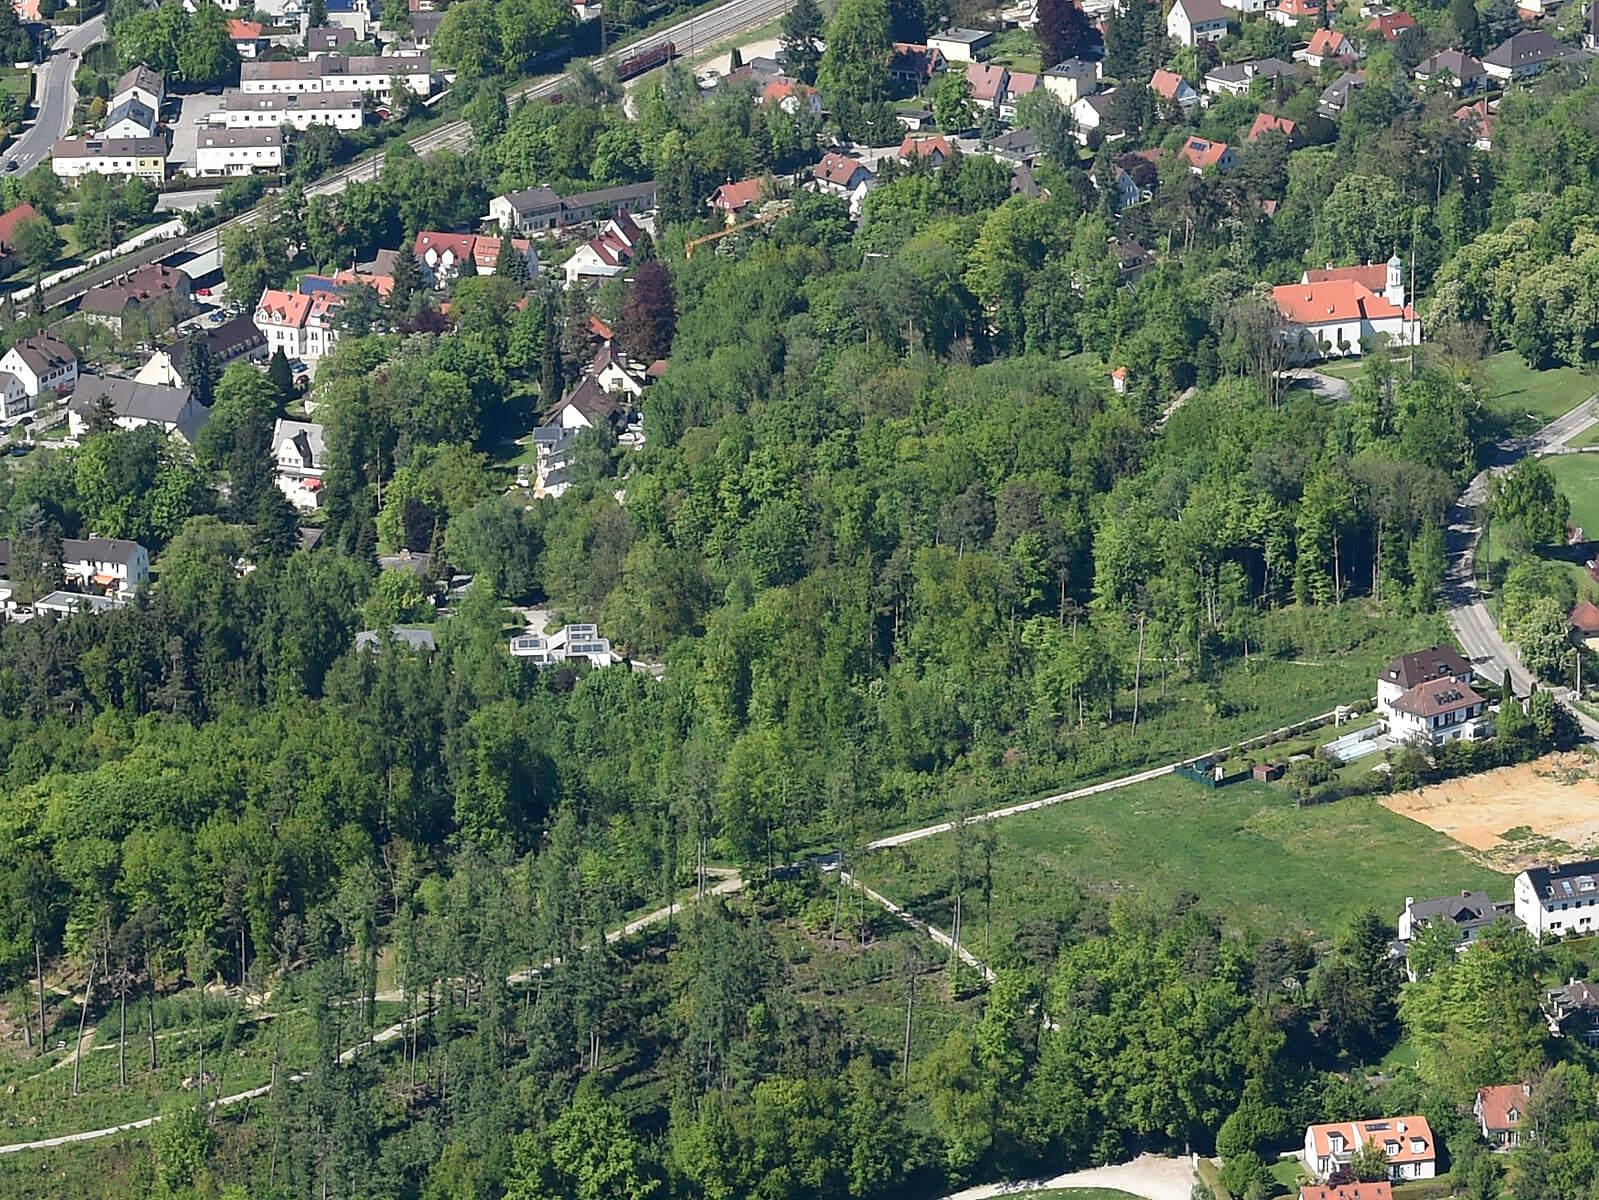 Luftbild vom Kobelwald. Foto: Marcus Merk